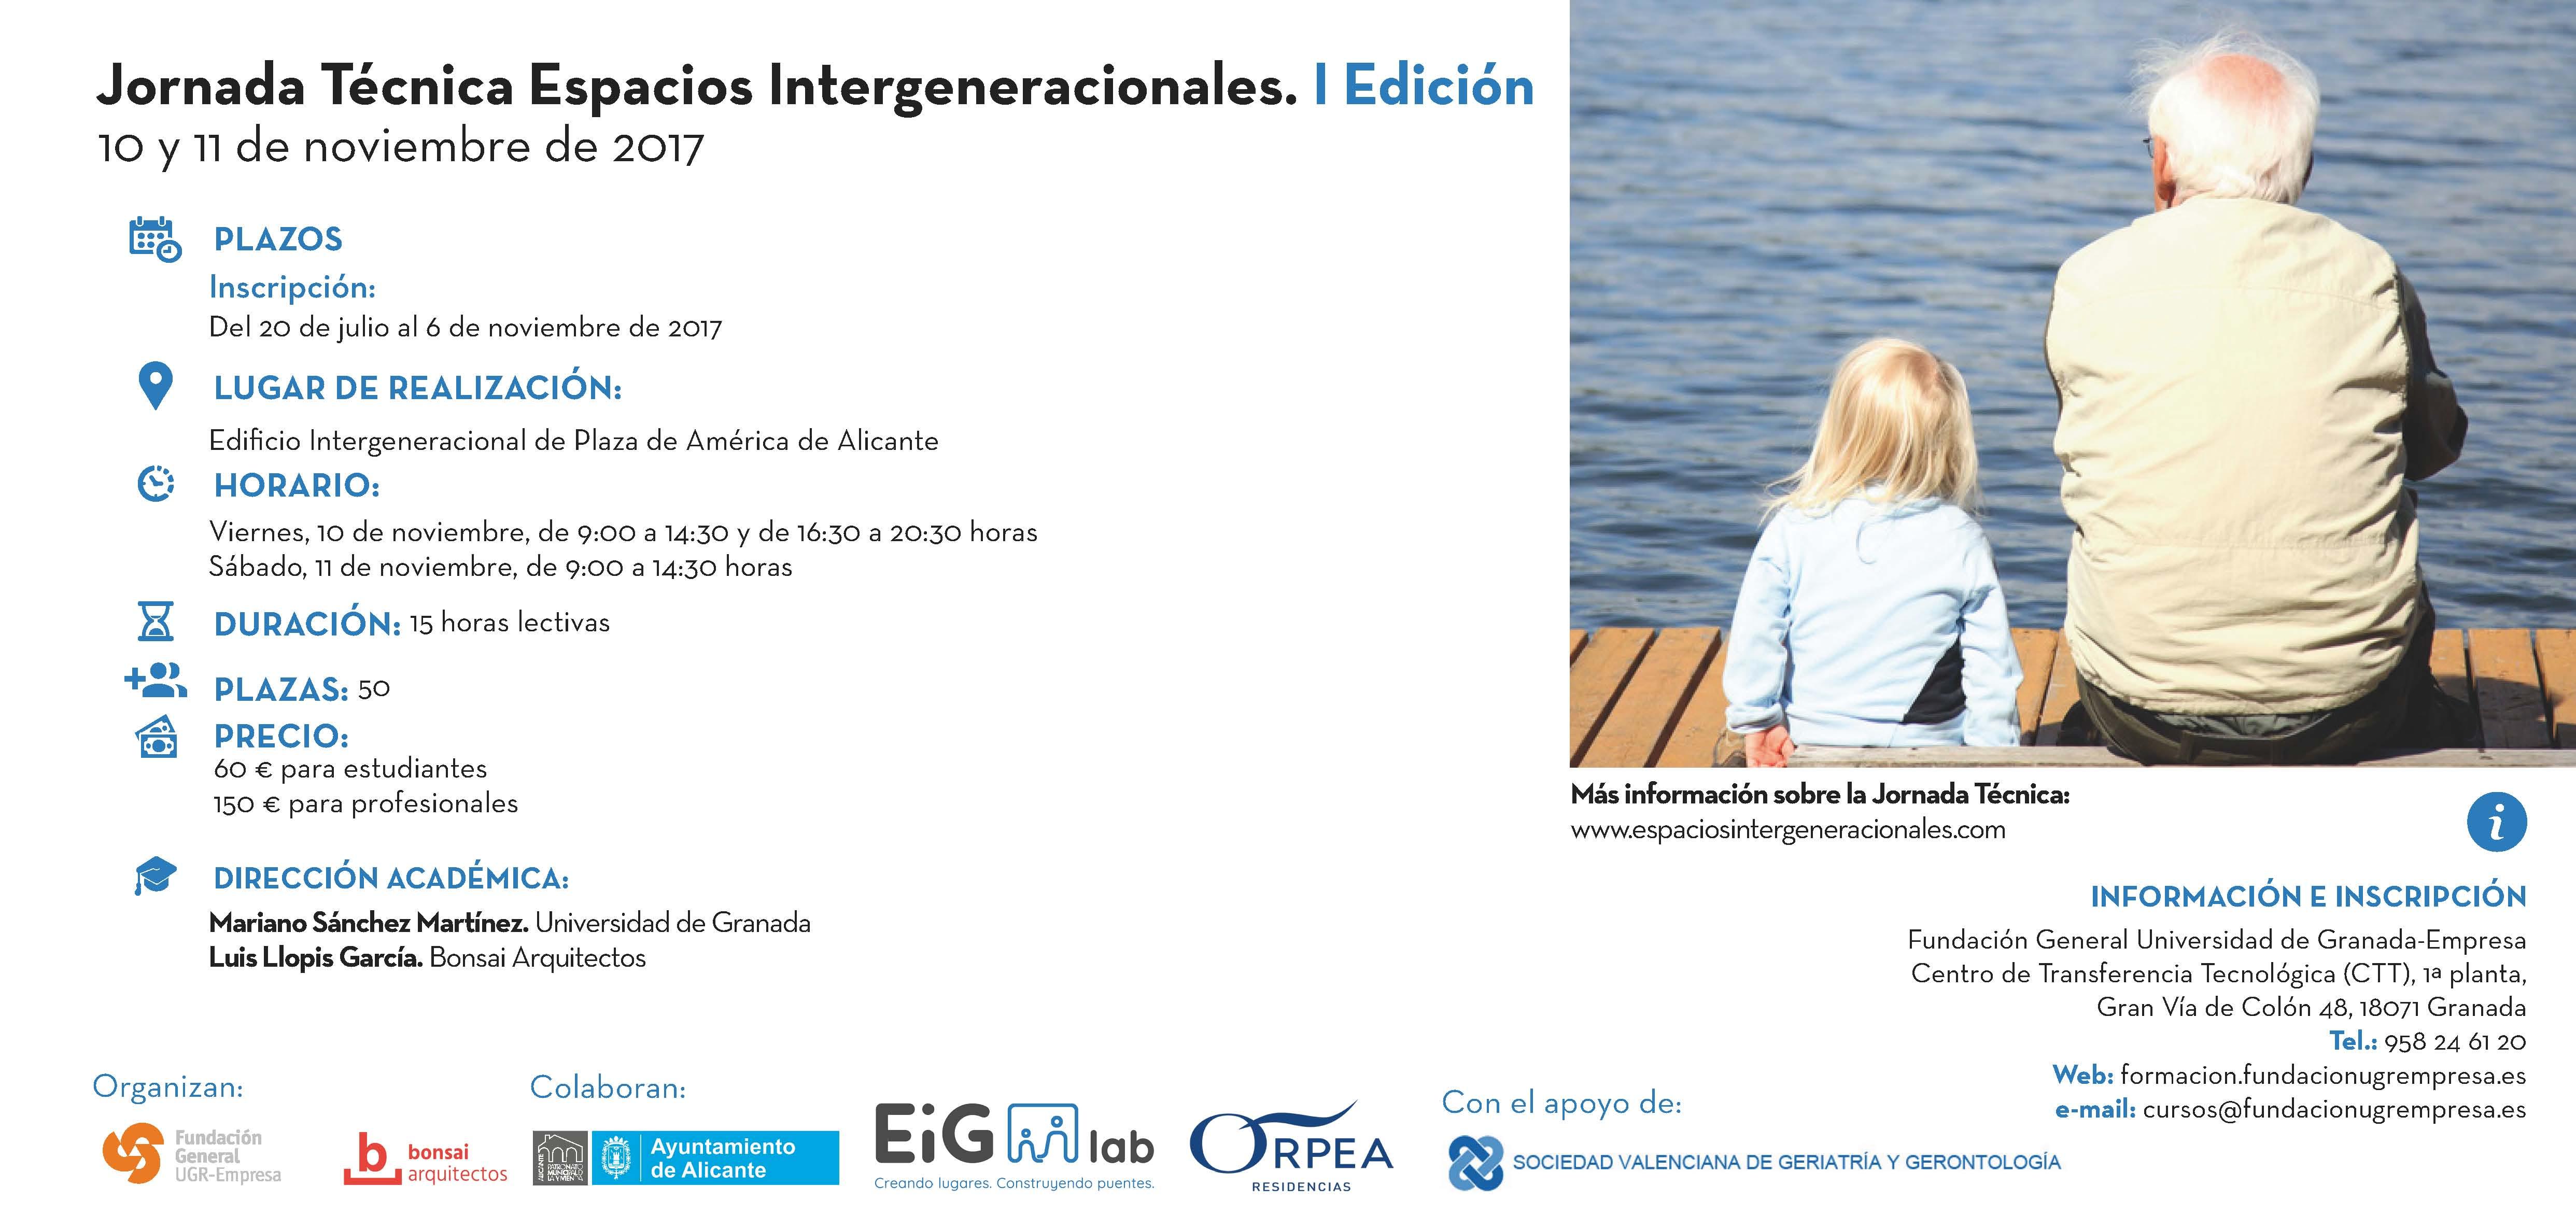 Jornada Técnica Espacios Intergeneracionales Noviembre 2017 - Enlace descarga Flyer